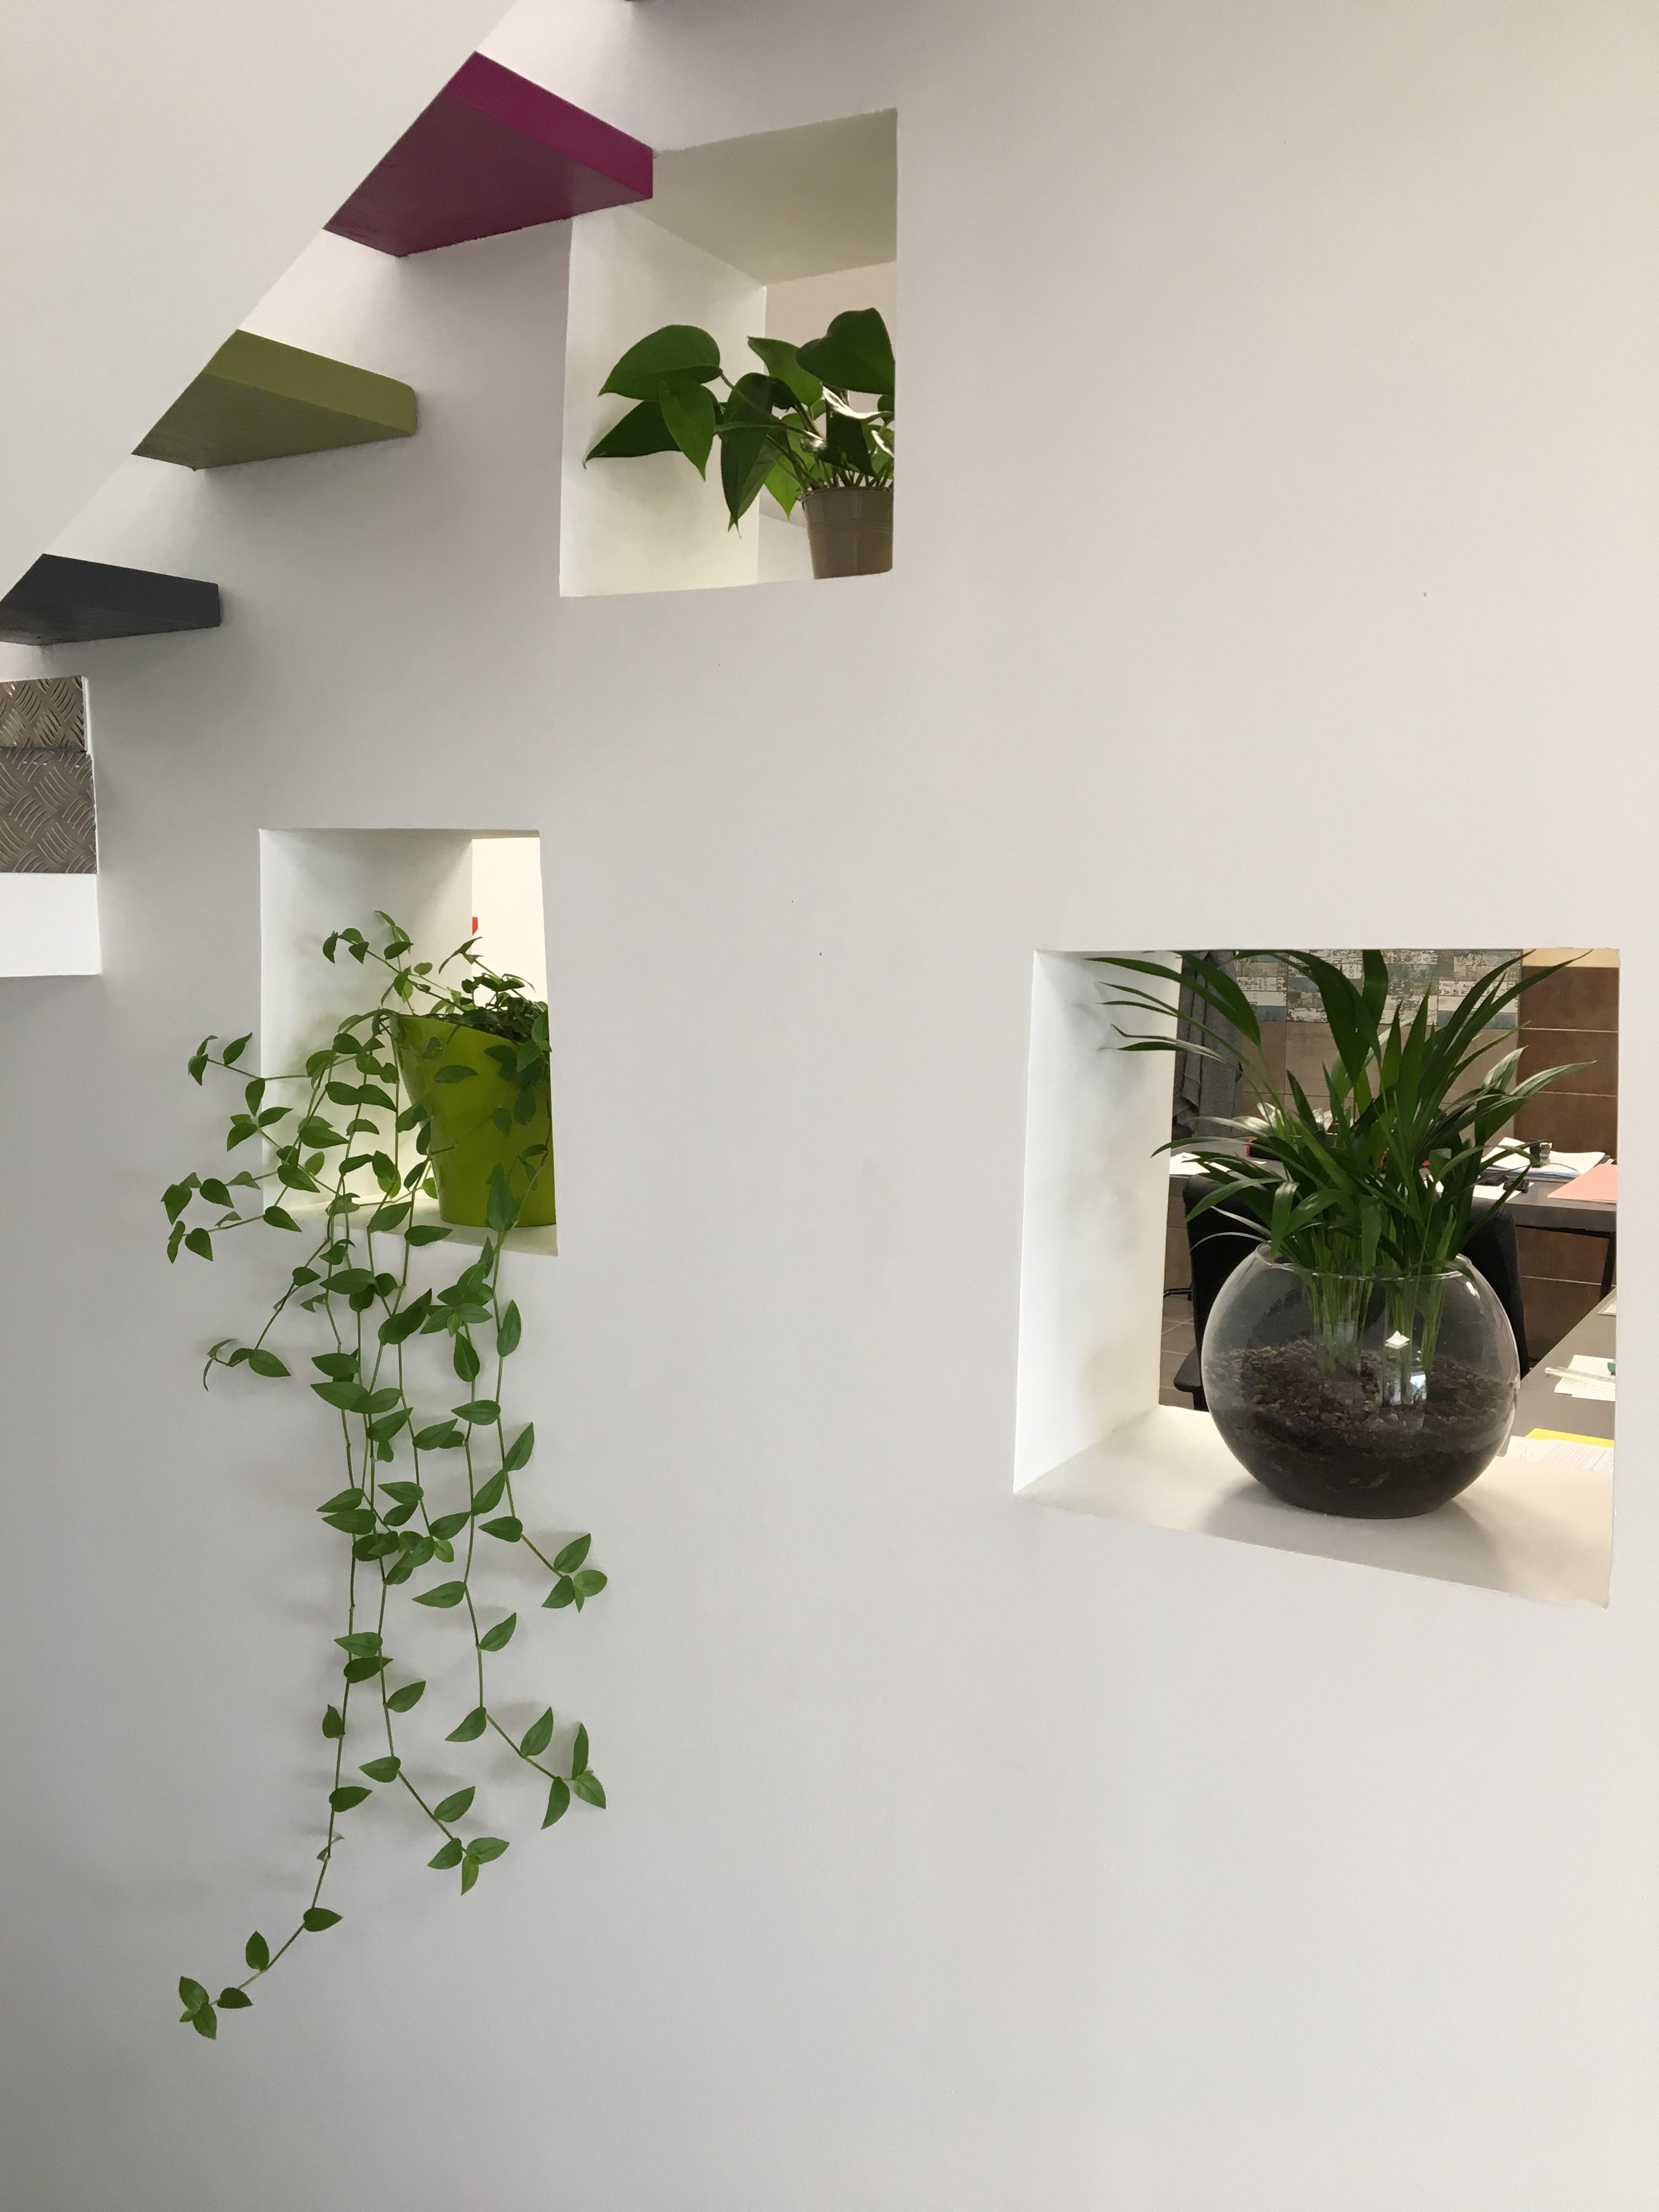 cr ation de niches de rangement dans un mur existant soyaux 16800. Black Bedroom Furniture Sets. Home Design Ideas